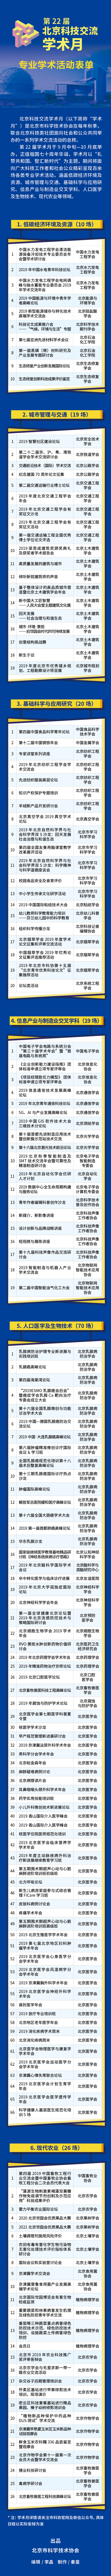 学术月长图(专业学术活动).jpg